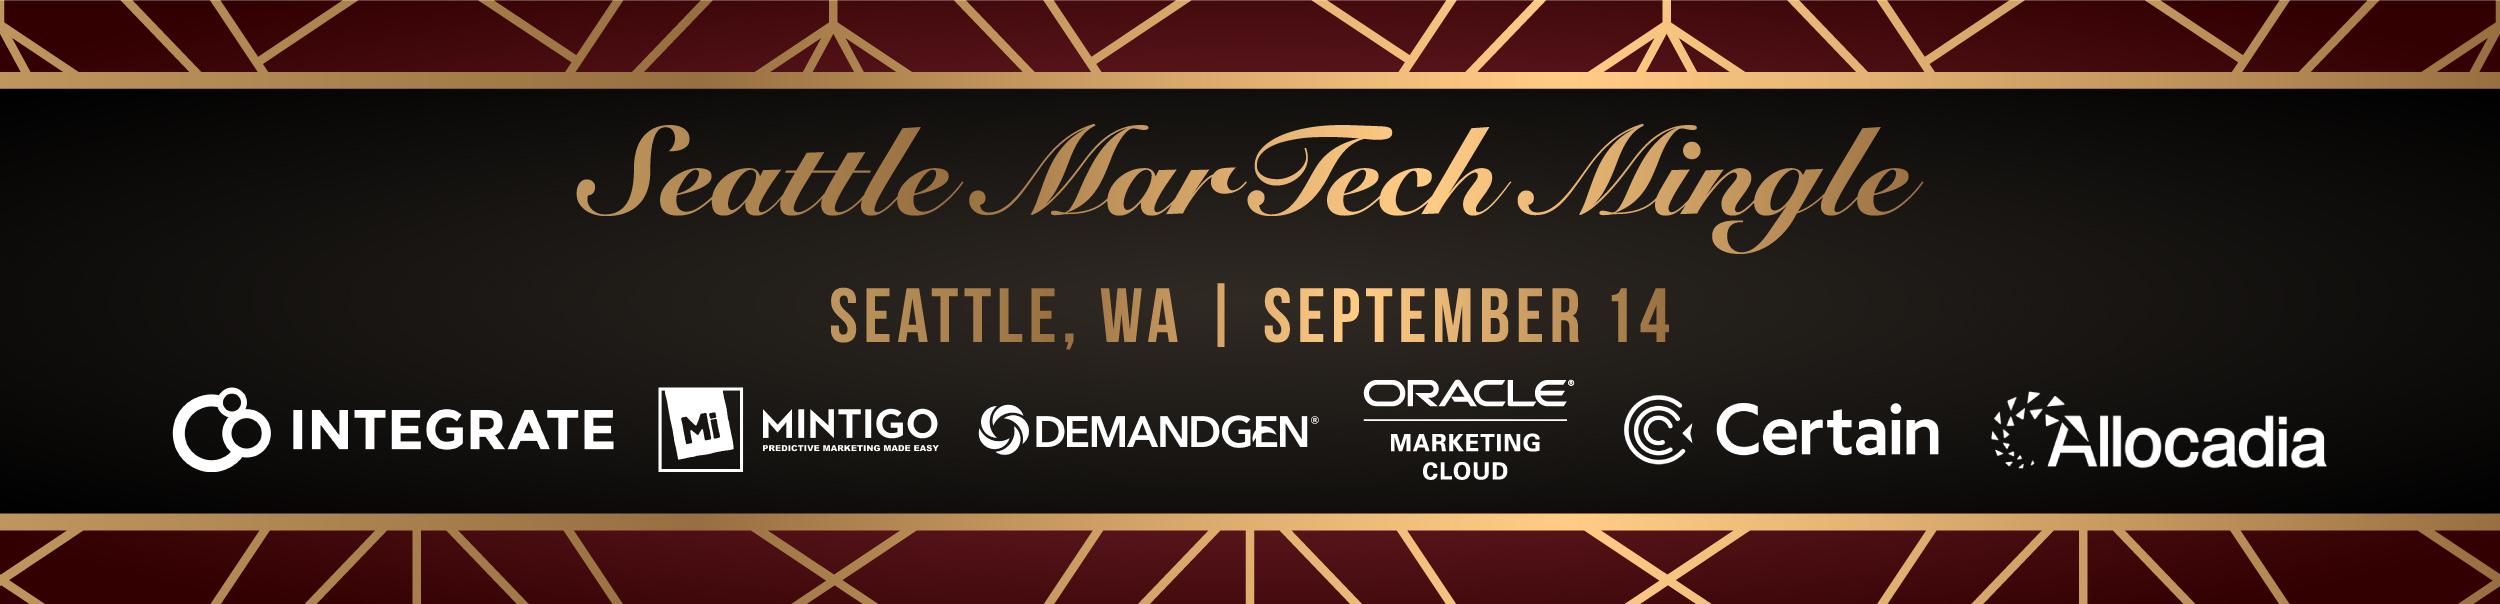 MarTech Mingle: Get Swanky with DemandGen in Seattle